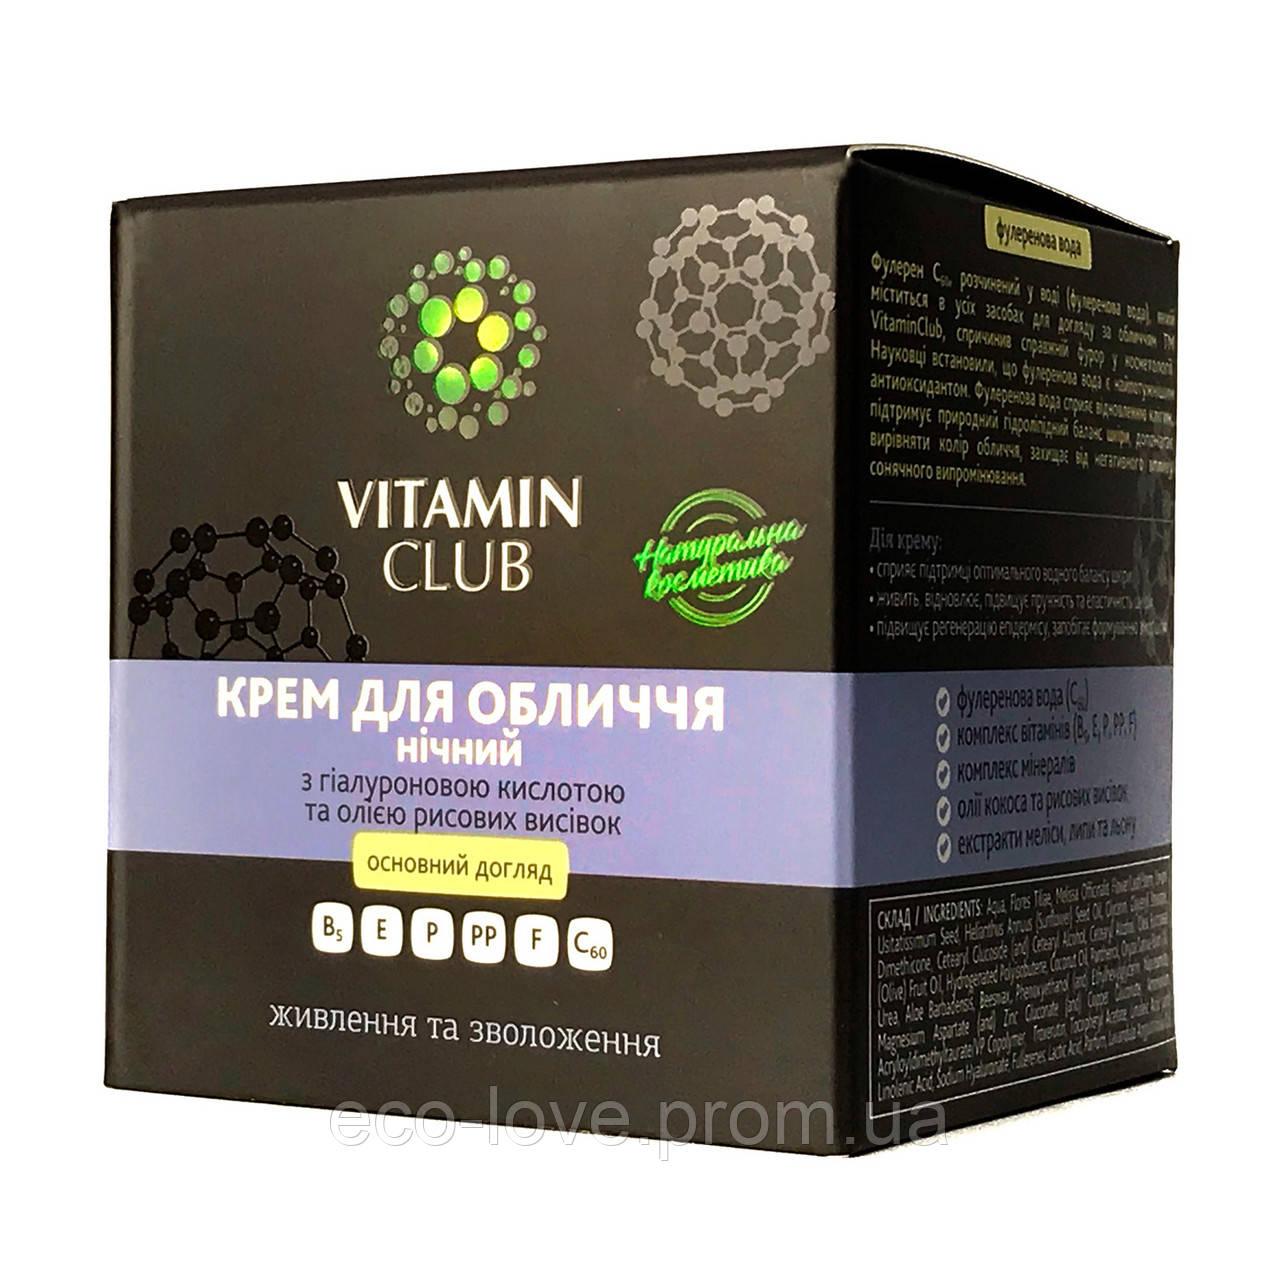 КРЕМ ДЛЯ ЛИЦА НОЧНОЙ с гиалуроновой кислотой и маслом рисовых отрубей, ТМ VitaminClub